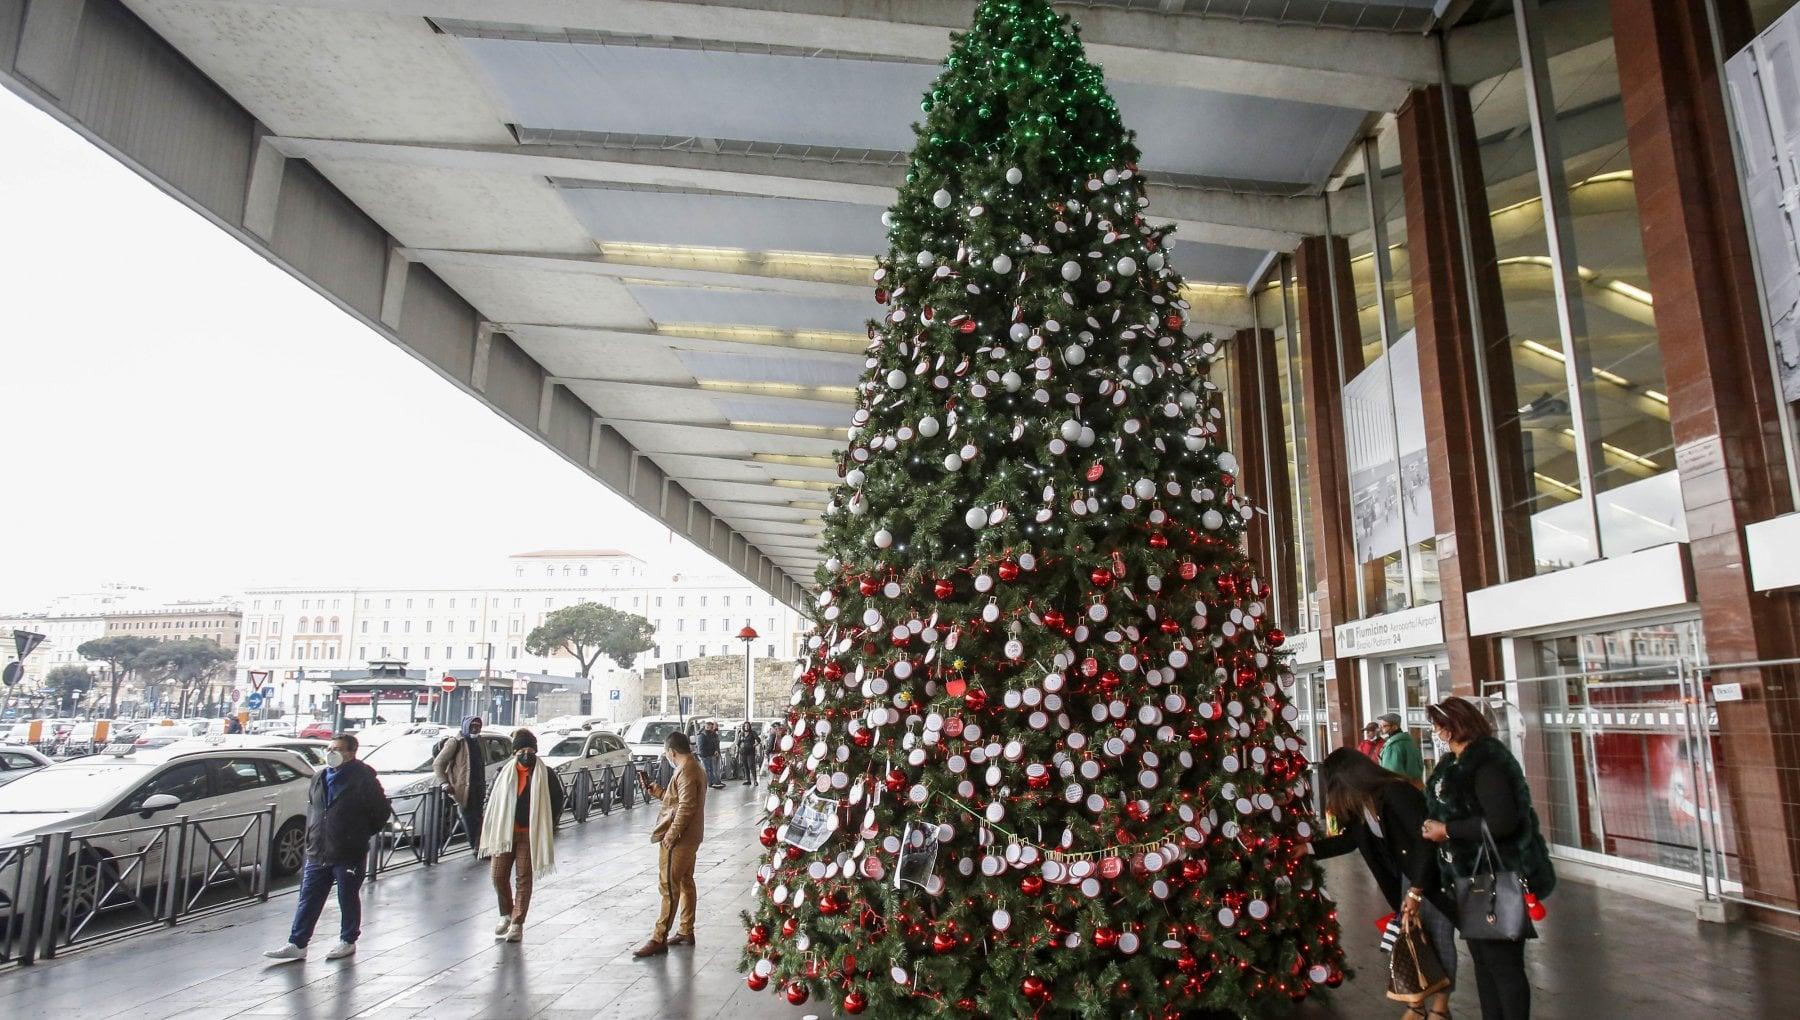 Decreto di Natale lultimo shopping prima del lockdown. Tutte le regole prima di entrare in zona rossa